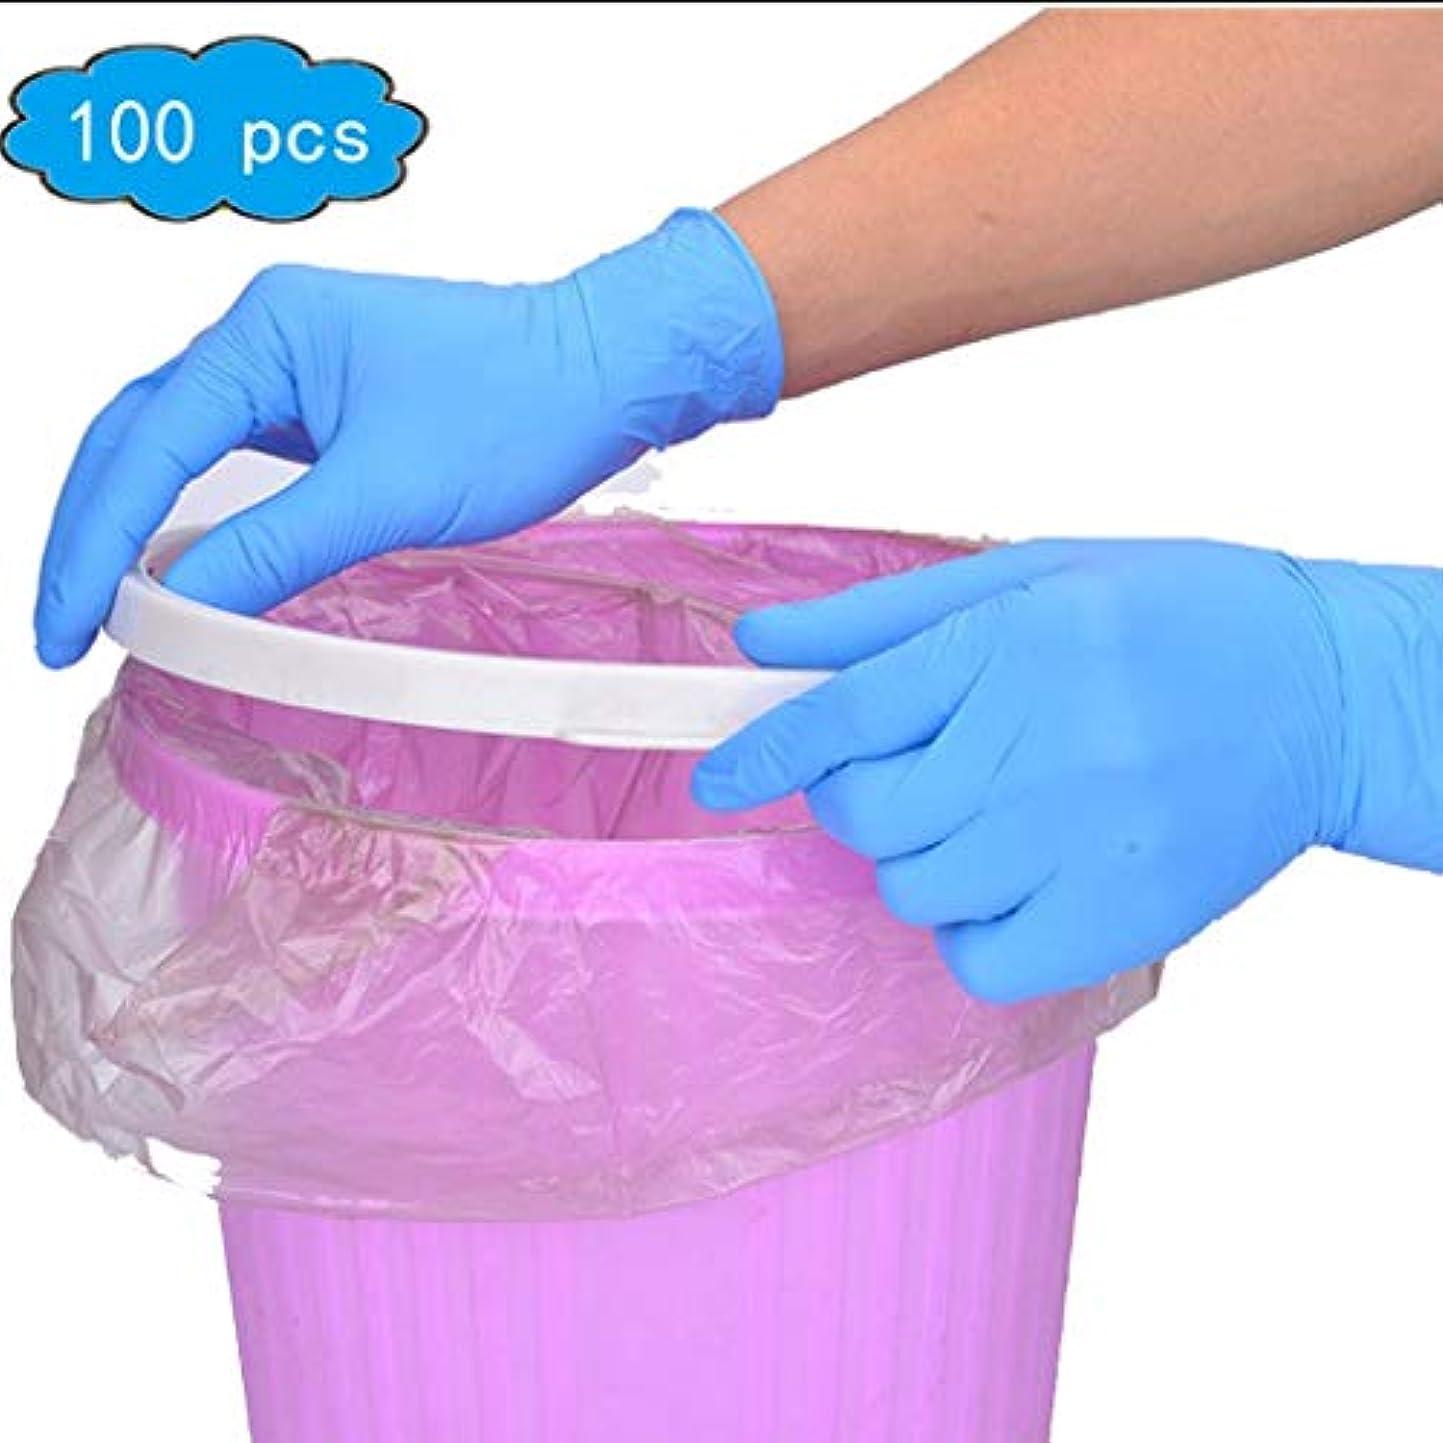 決して冷蔵するの配列使い捨てニトリルグローブ、医療用品&機器、テクスチャ指先、フードセーフ、ツール&ホーム改善、塗装、(青、大)100箱、家庭用品、ラテックス手袋使い捨て (Color : Blue, Size : S)